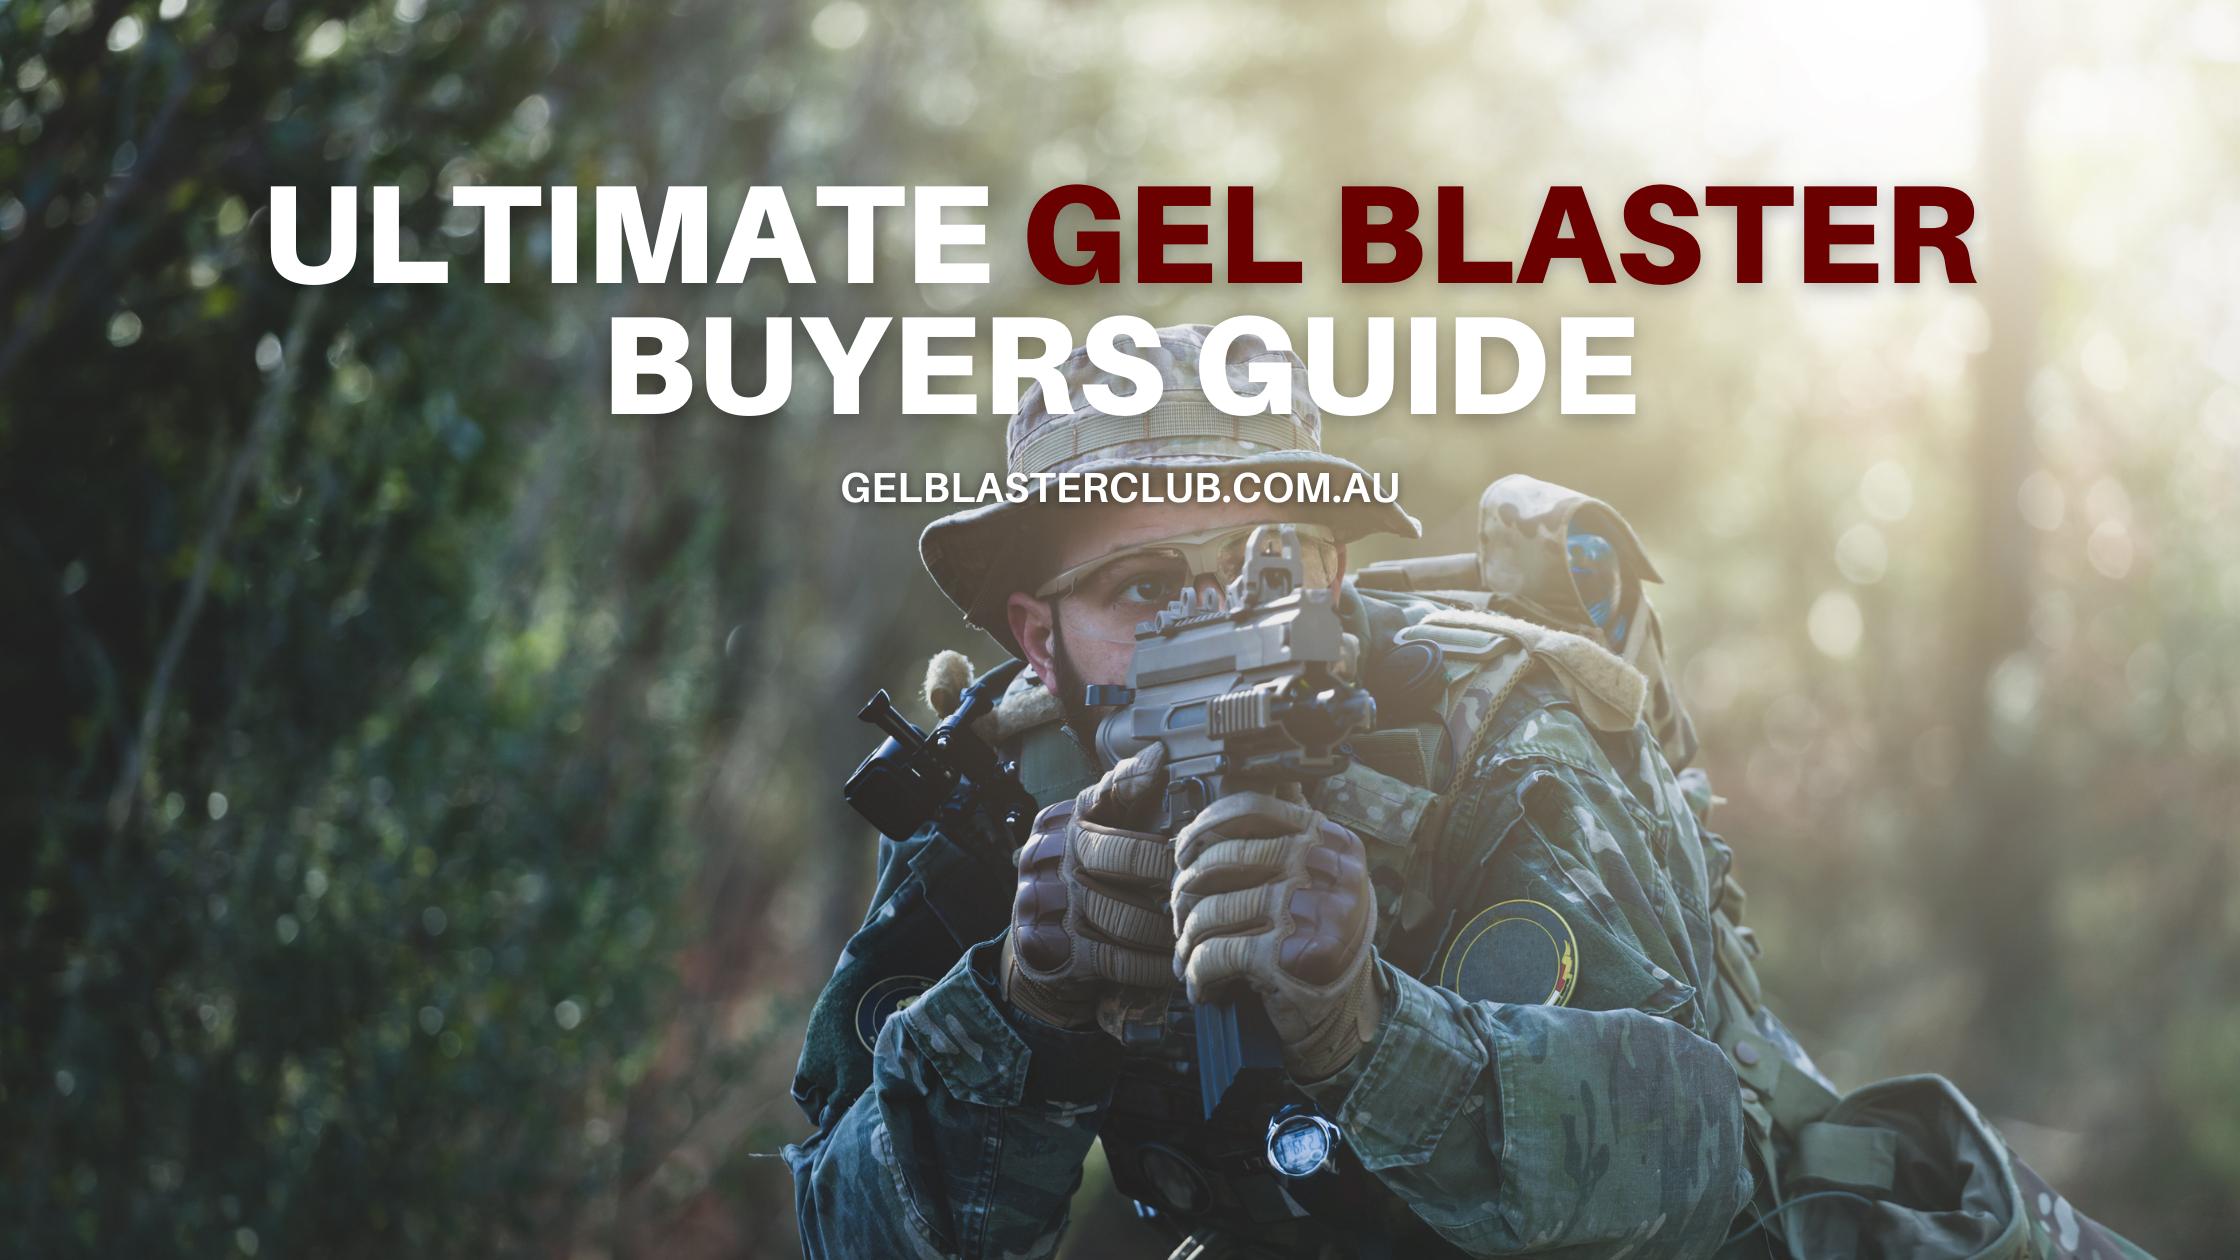 Ultimate Gel Blaster Buying Guide